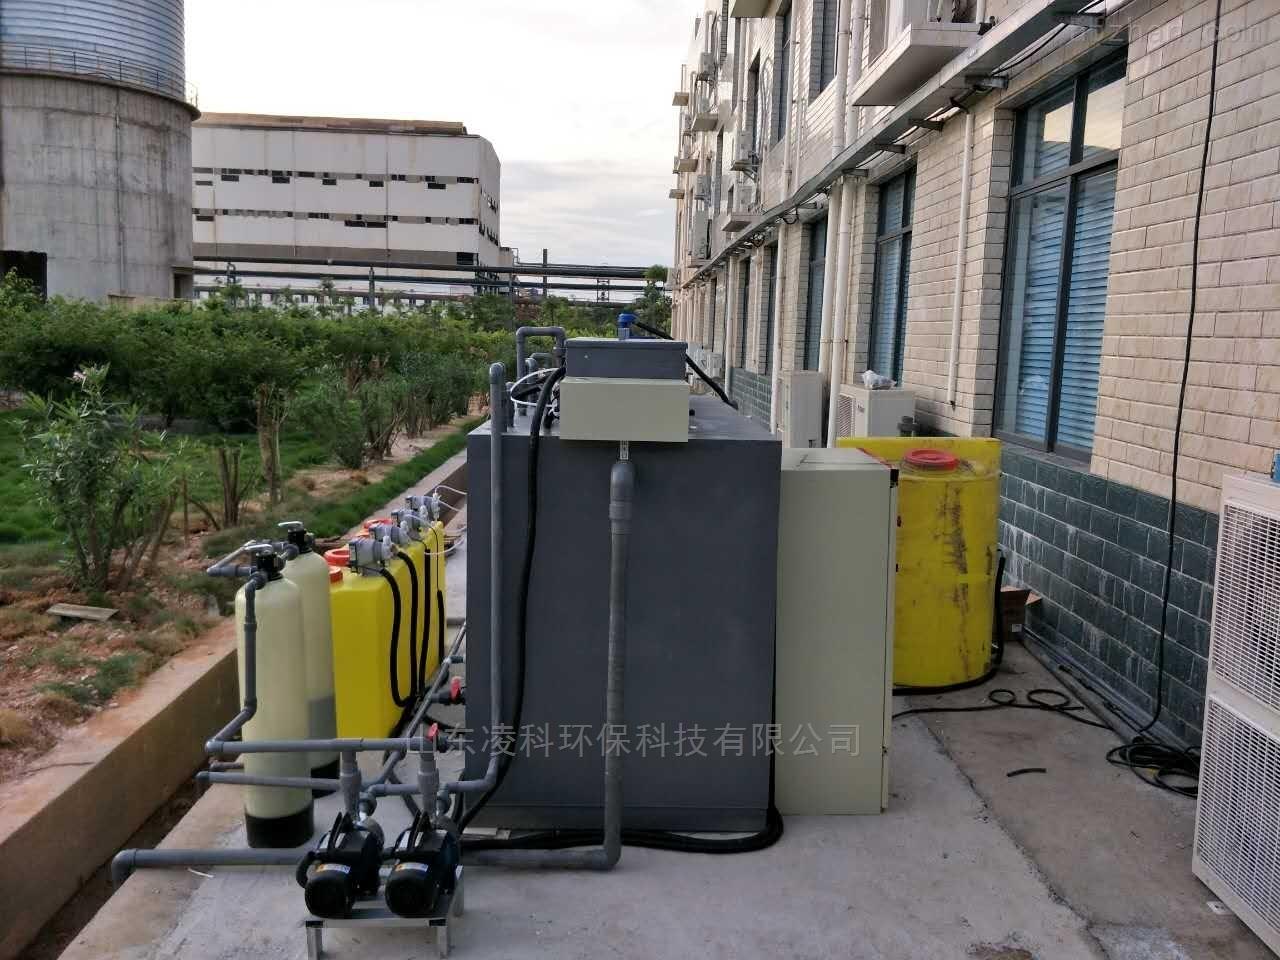 防城港实验室化学污水处理设备多少钱合适